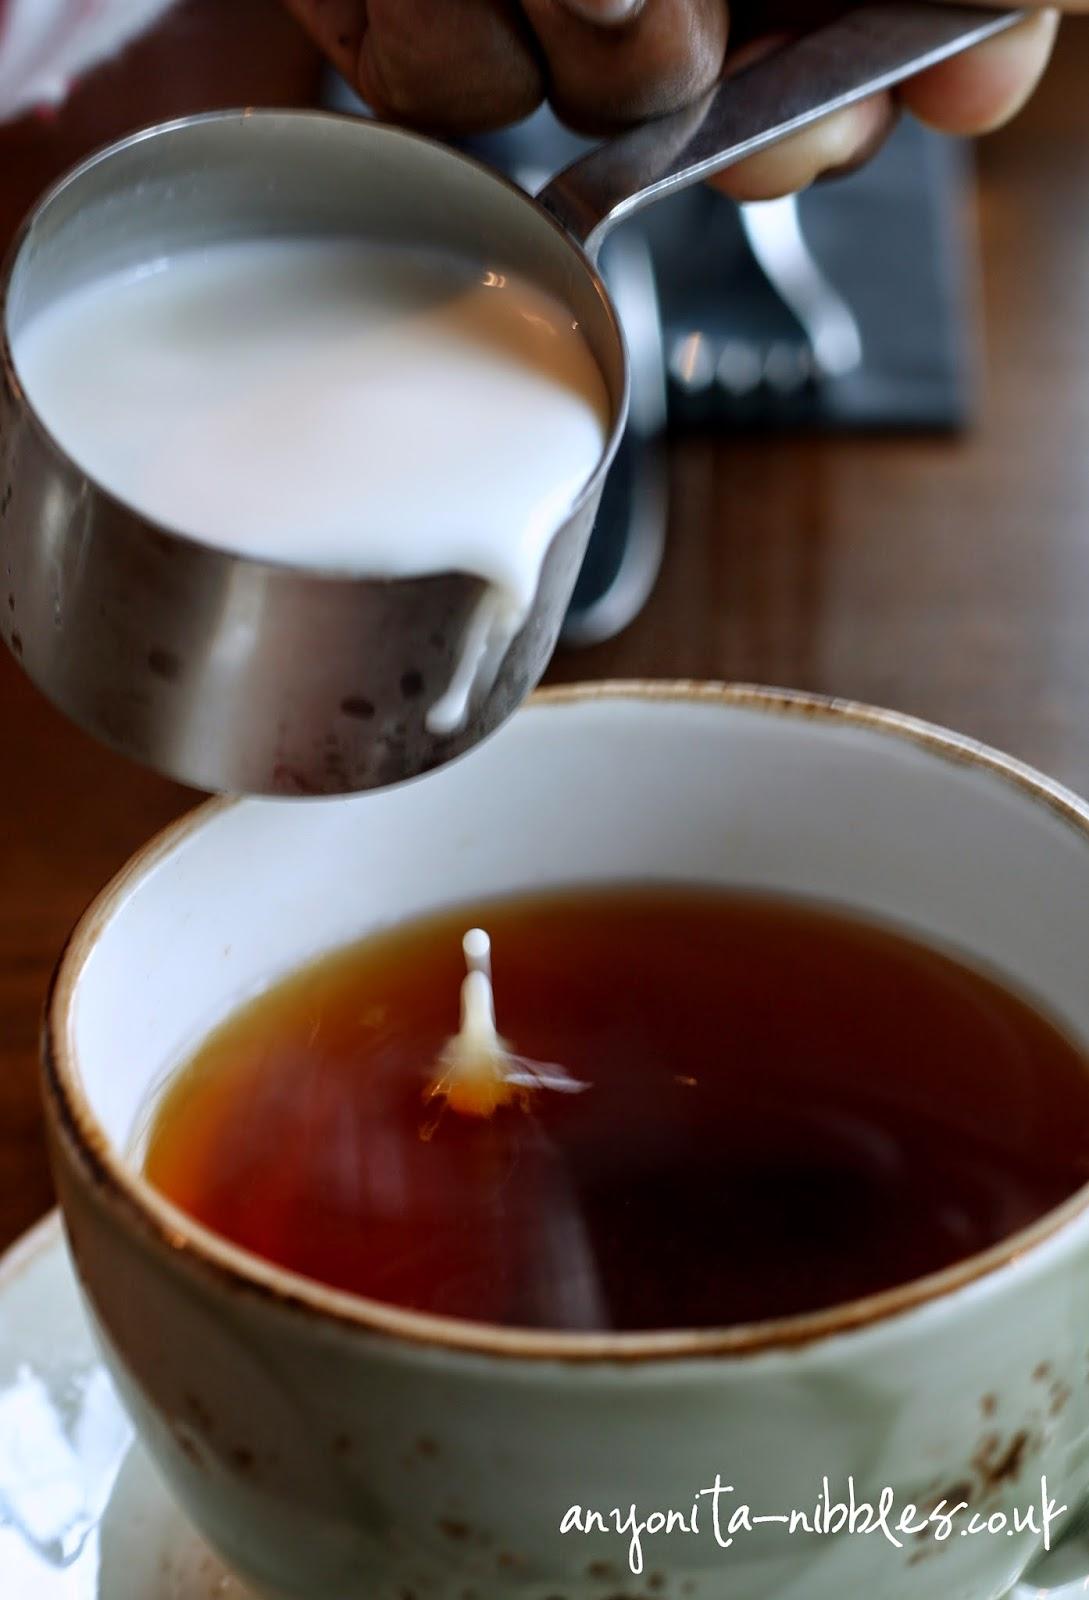 I like my tea very milky | Anyonita-nibbles.co.uk